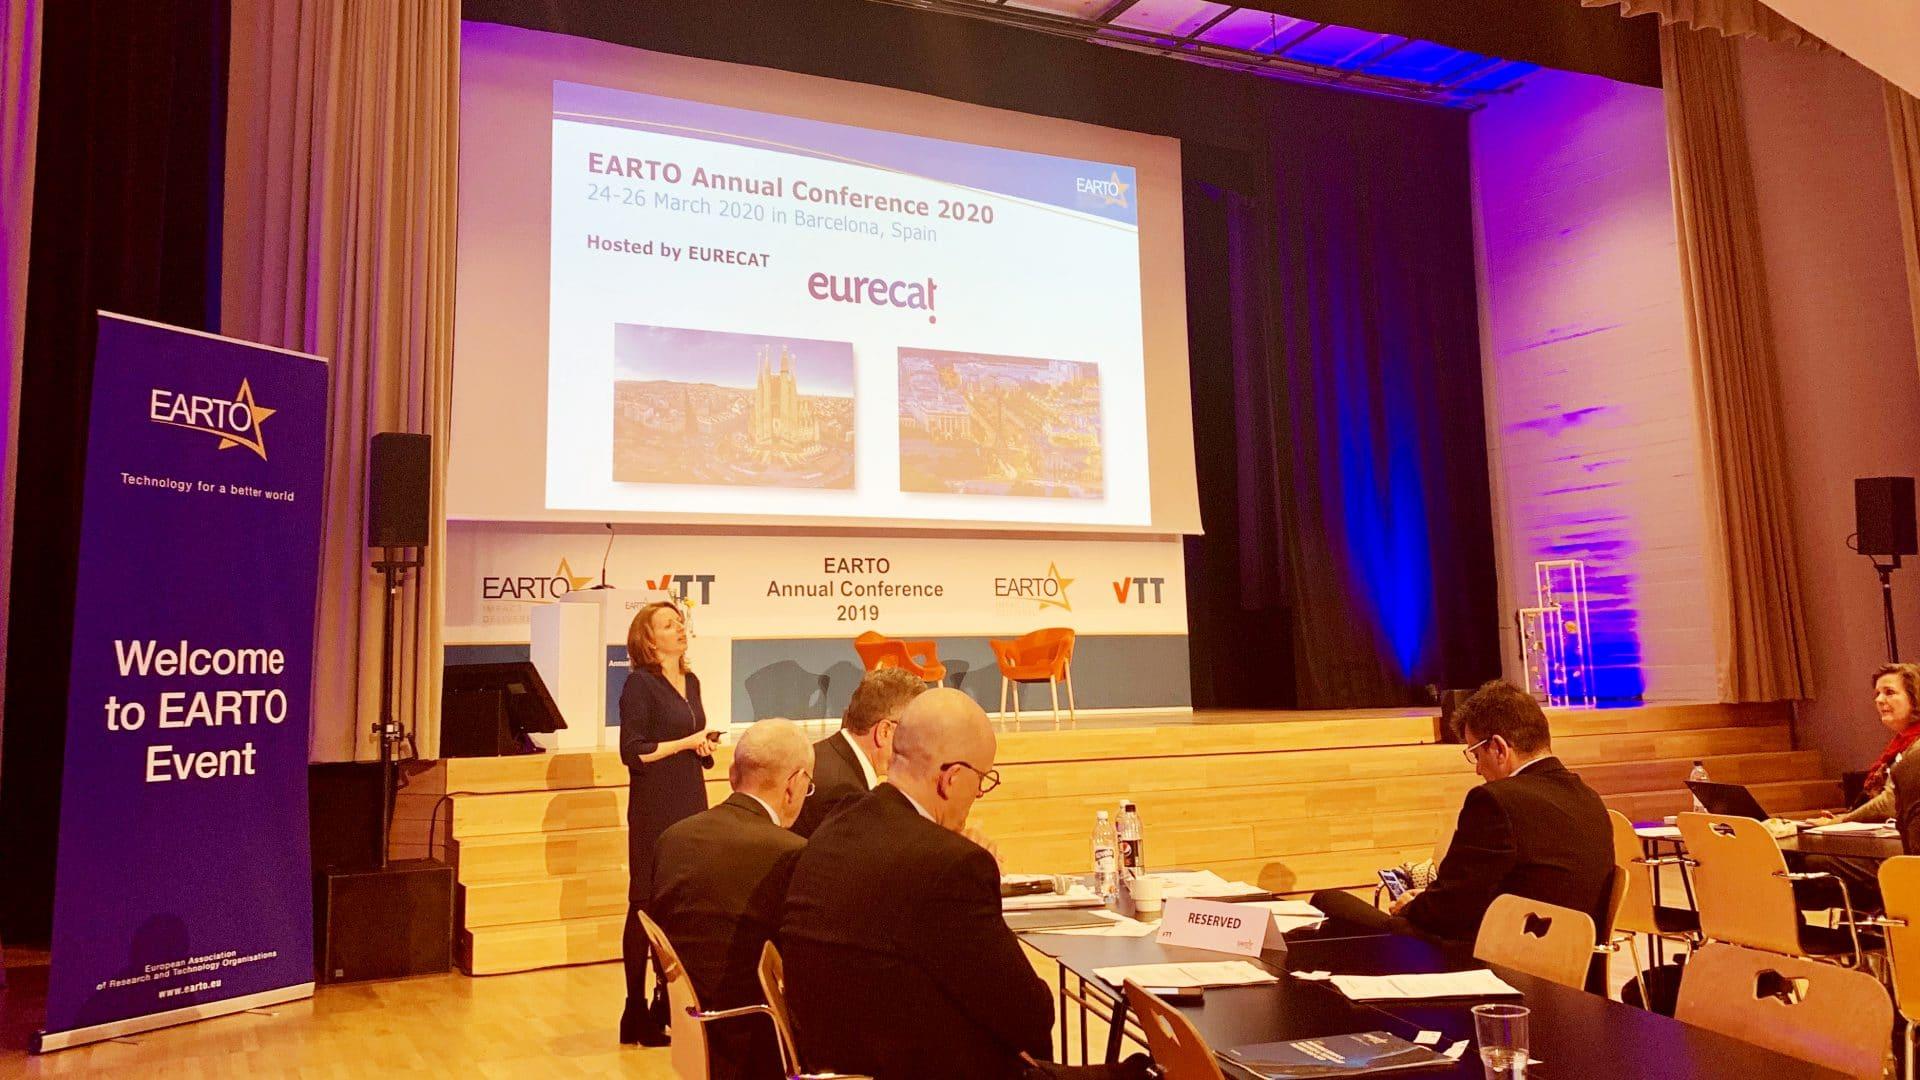 Barcelona acogerá la Conferencia Anual de EARTO, la asociación europea de investigación y tecnología